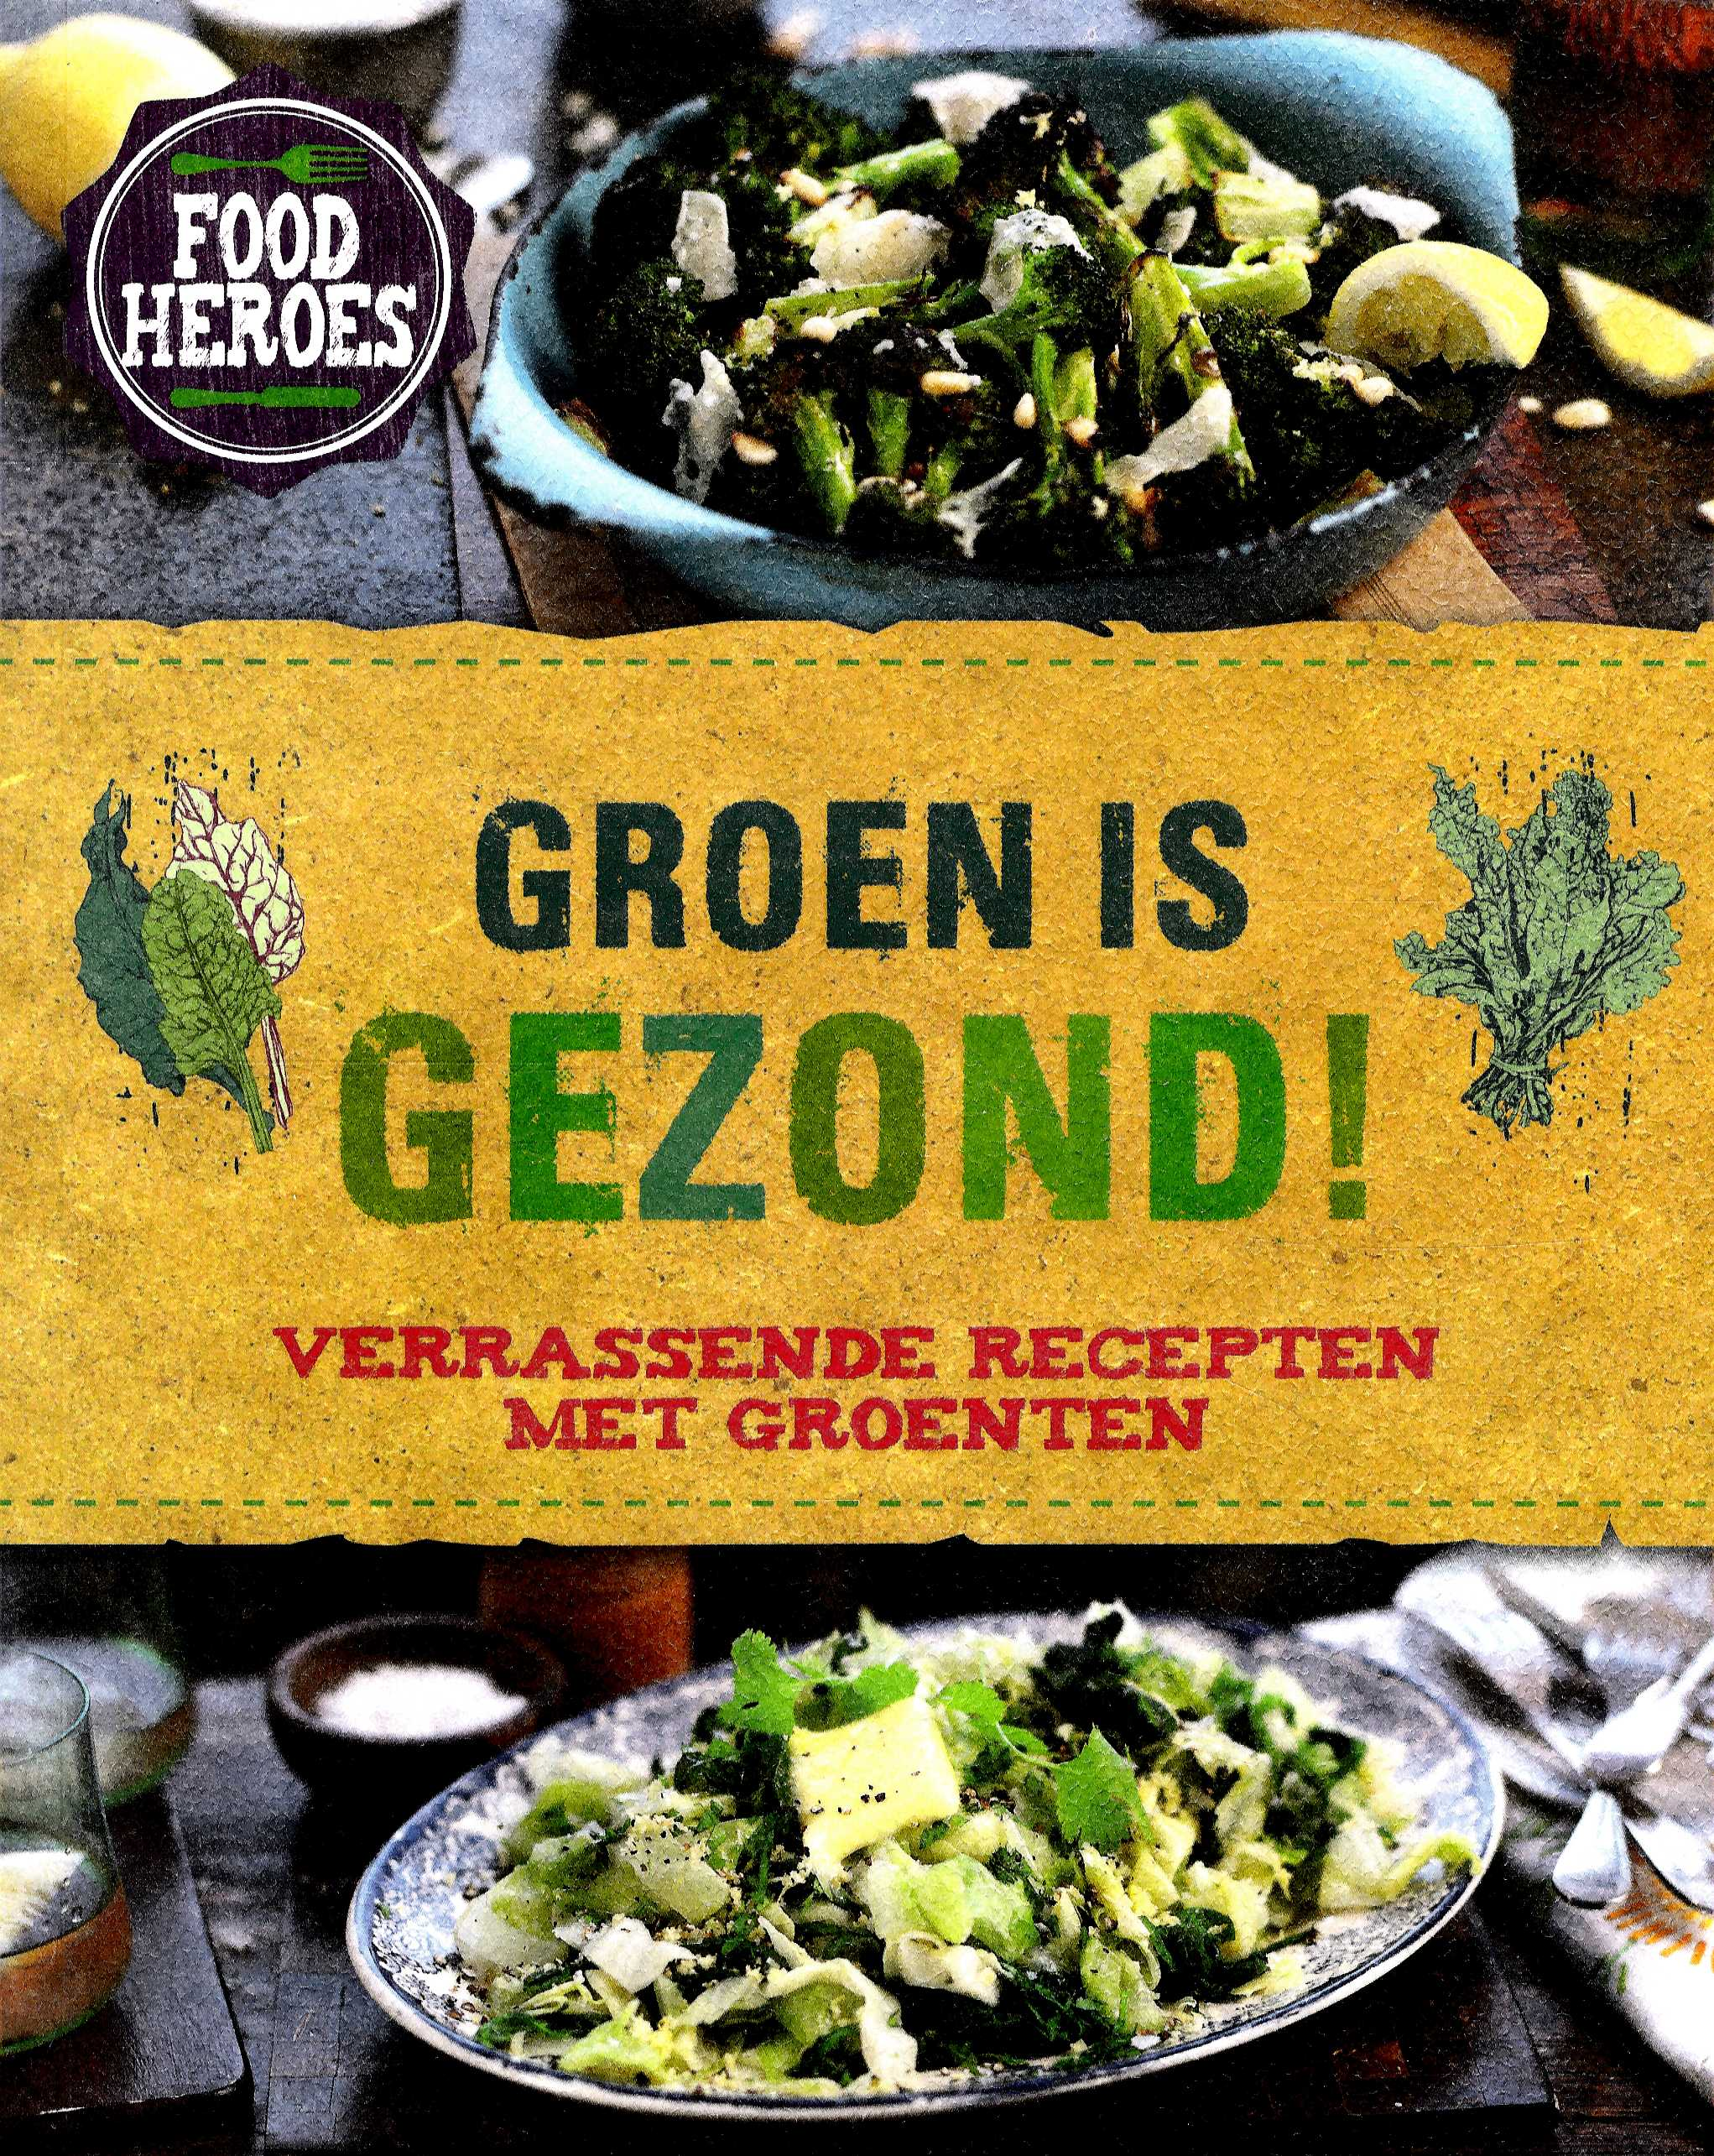 Food heroes Groen is gezond